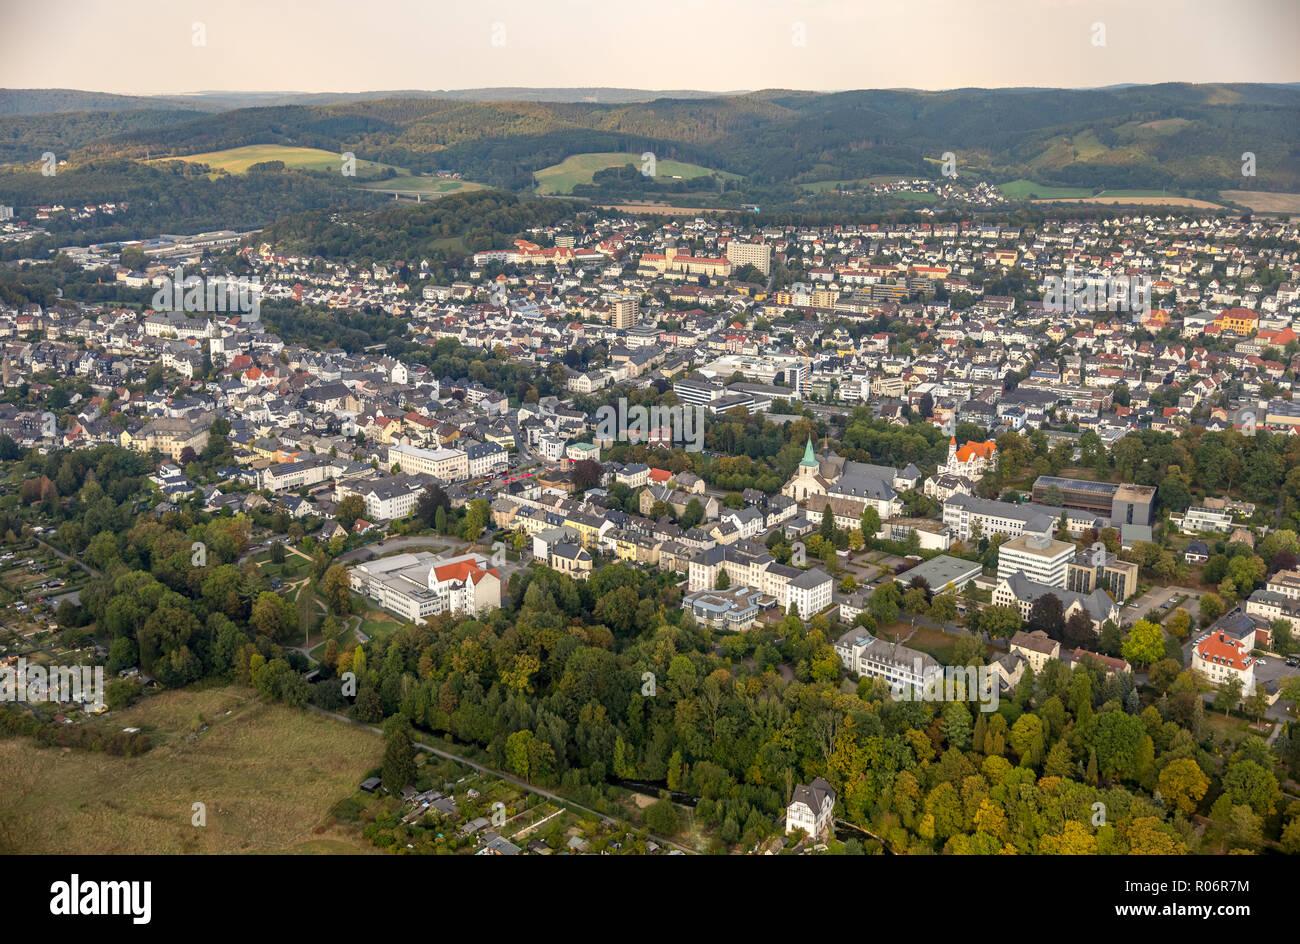 Luftaufnahme, Altstadt von Arnsberg mitNeuer Neumarkt, Arnsberg ,Sauerland, Nordrhein-Westfalen, Deutschland, Arnsberg, Sauerland, Europa, Luftbild, b - Stock Image